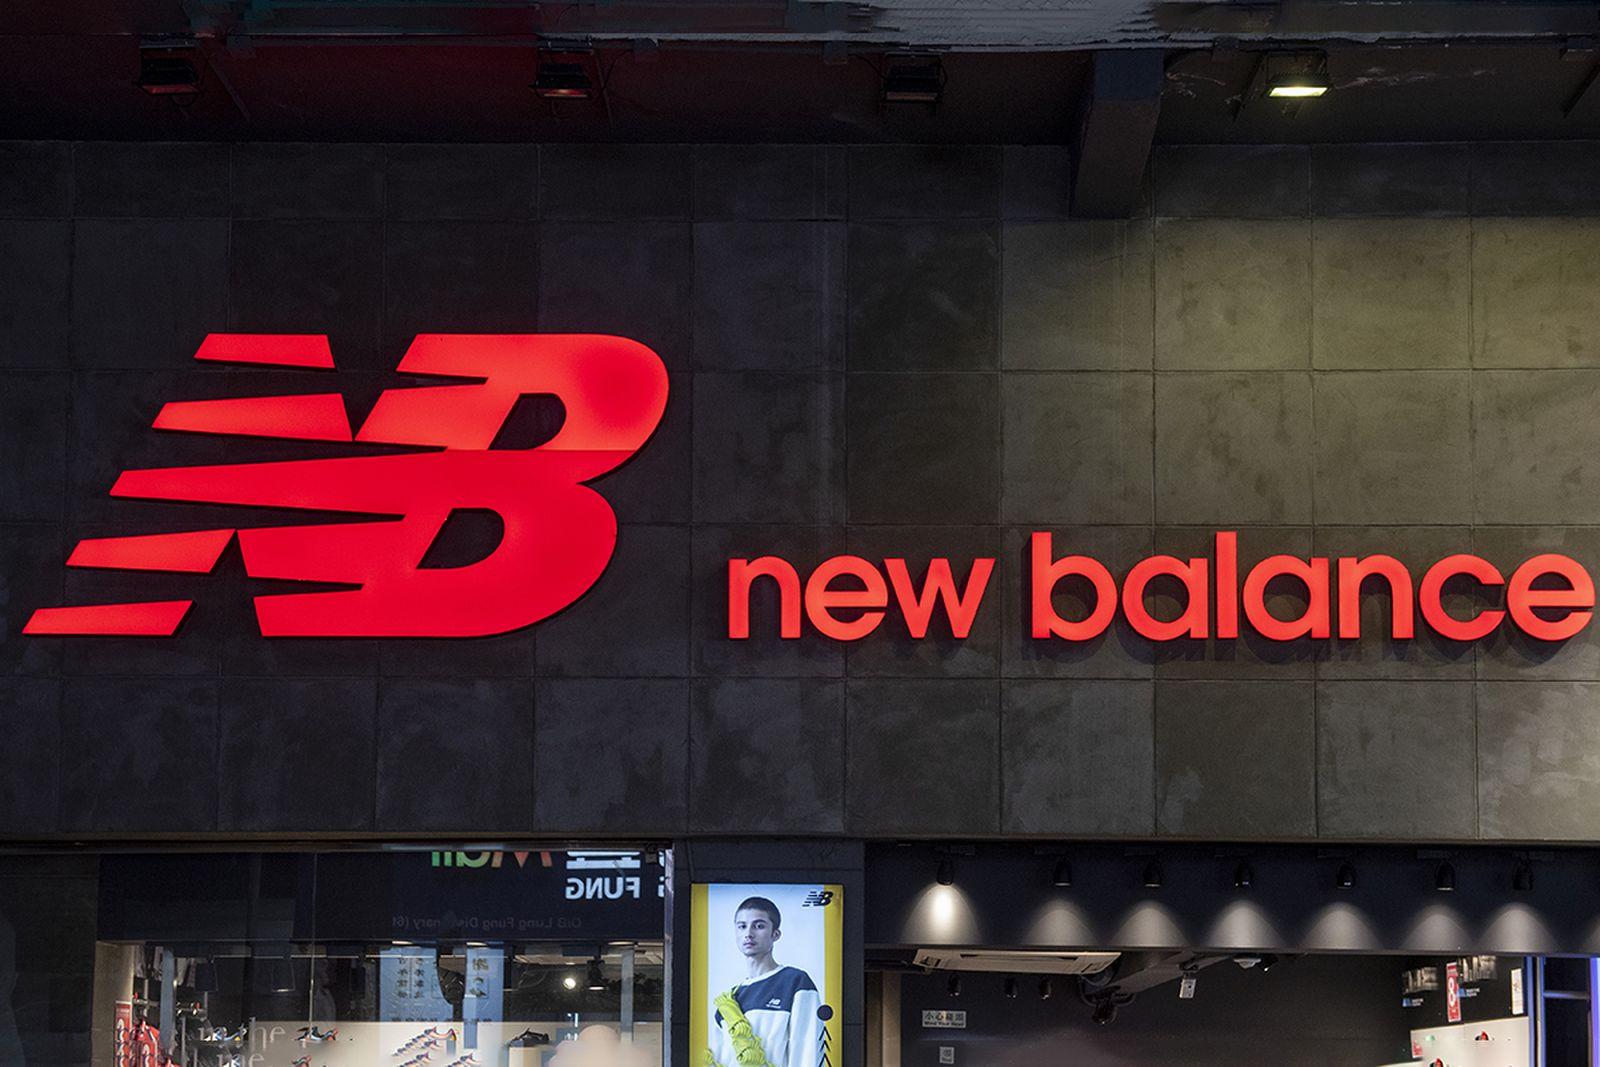 New Balance store seen in Hong Kong